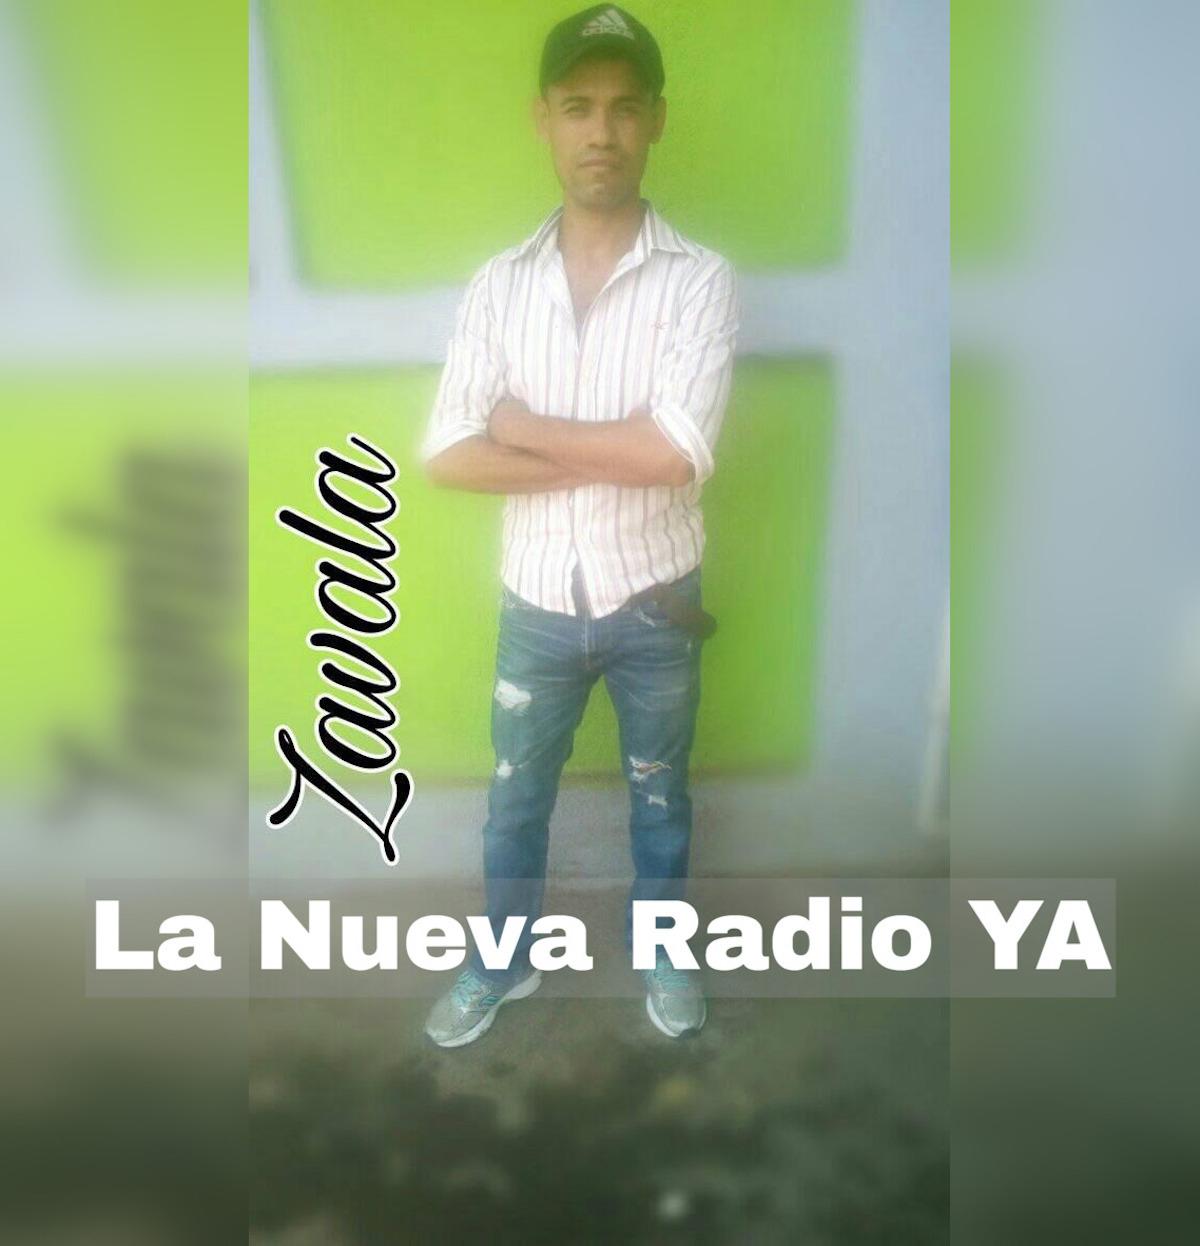 Marlon Eliezer Zavala Ochoa